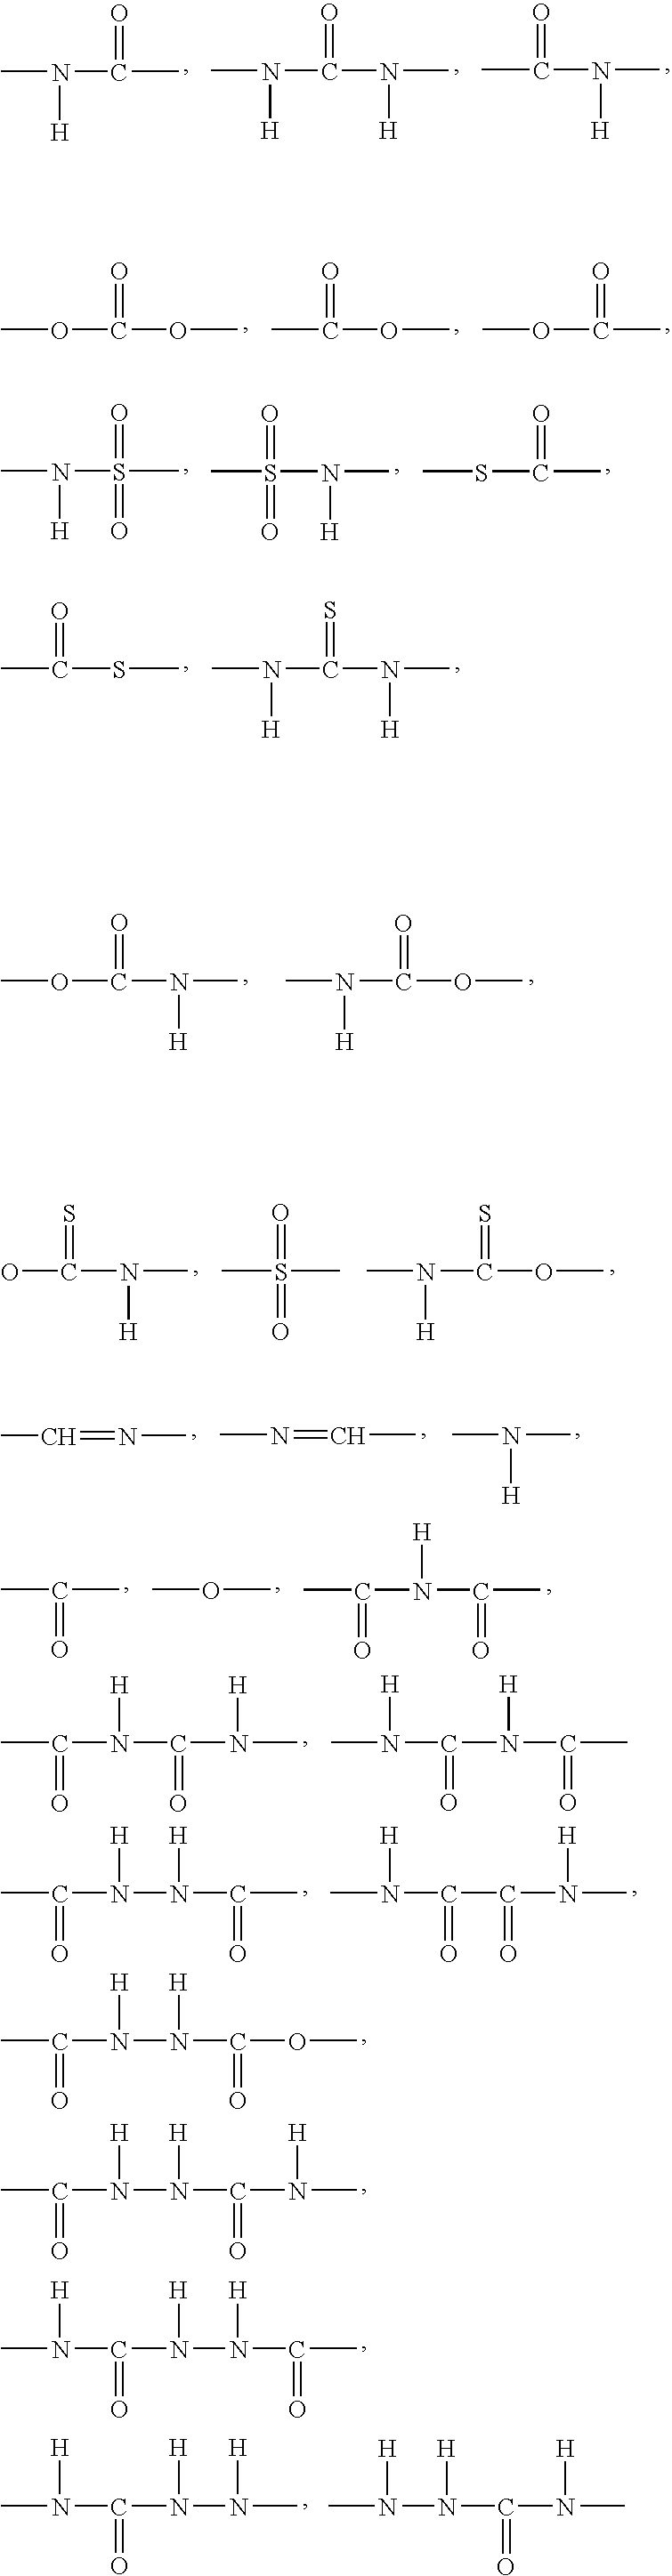 Figure US20090170699A1-20090702-C00006